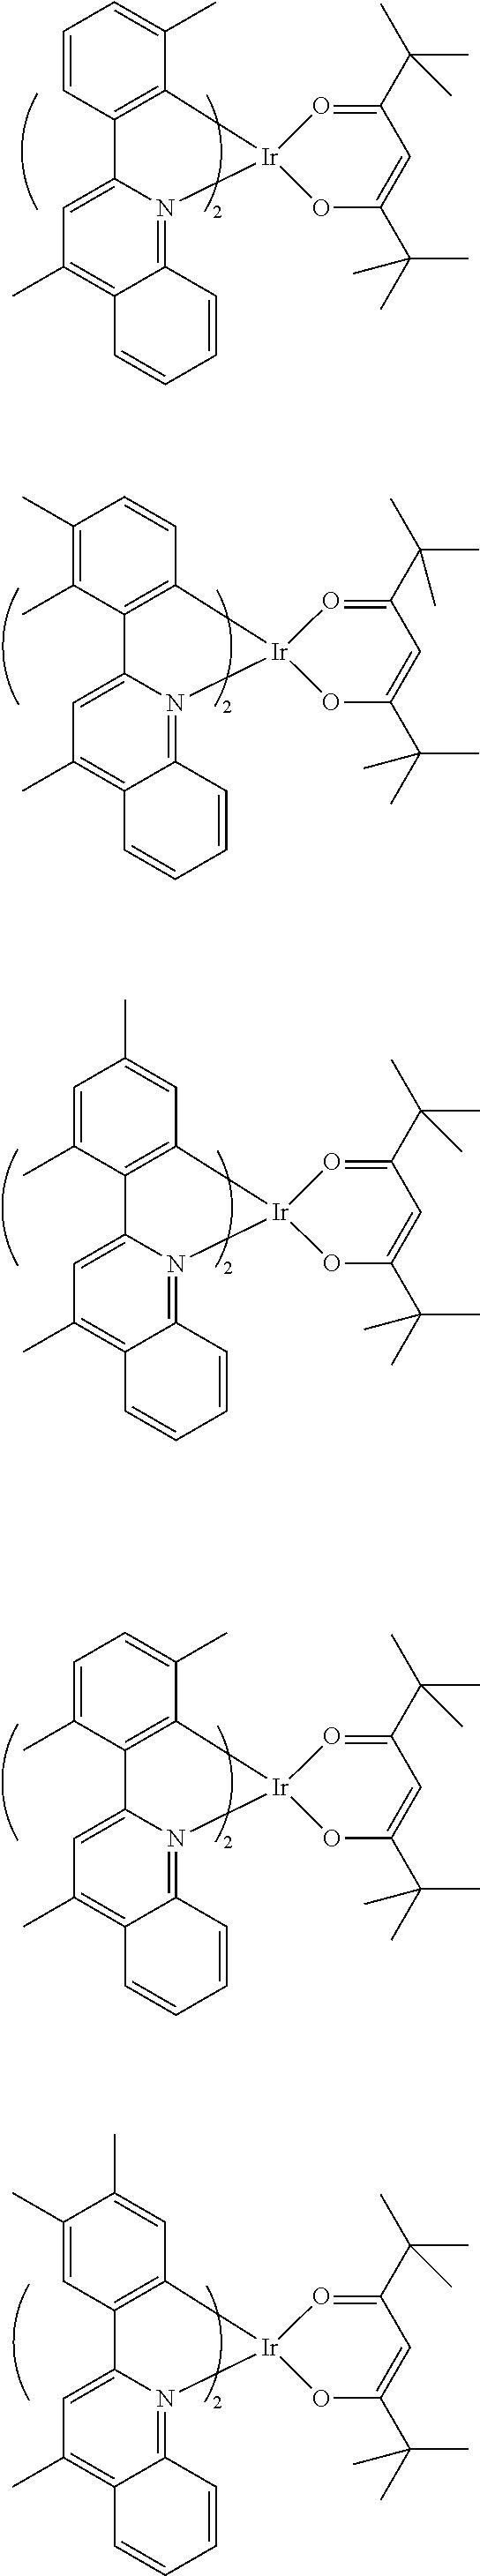 Figure US09324958-20160426-C00023